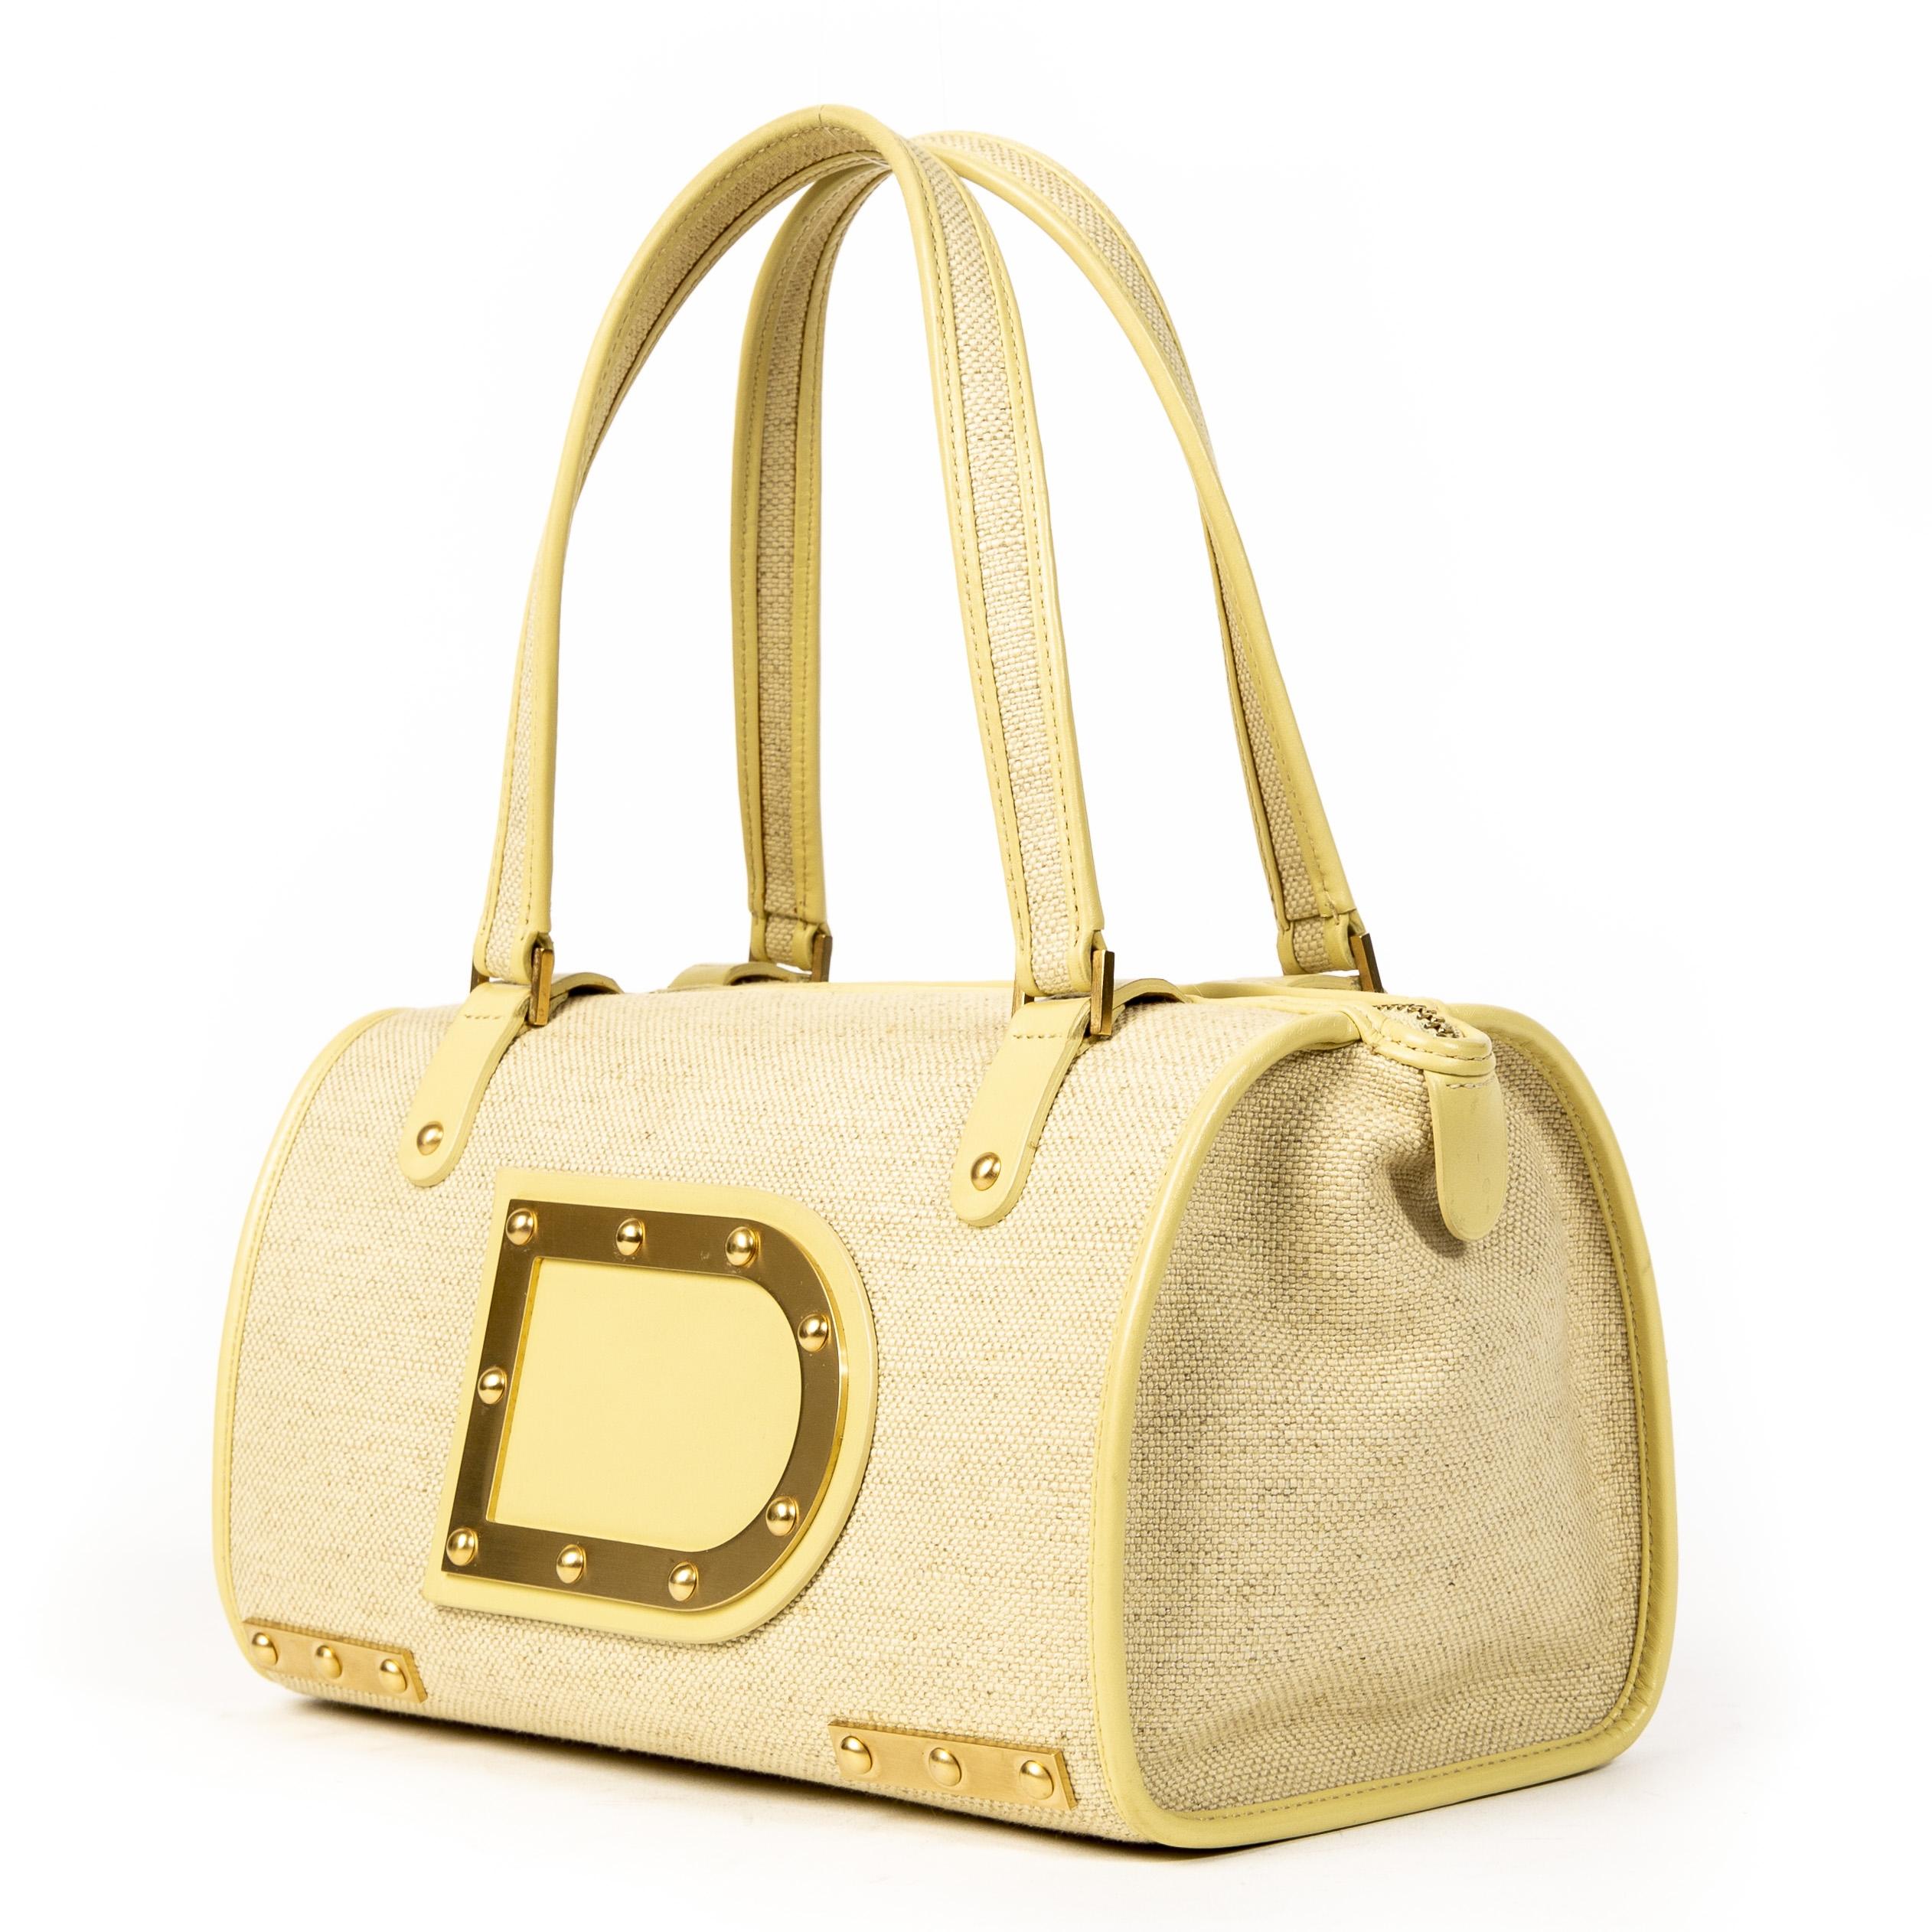 Delvaux Louise Beige Boston Bag